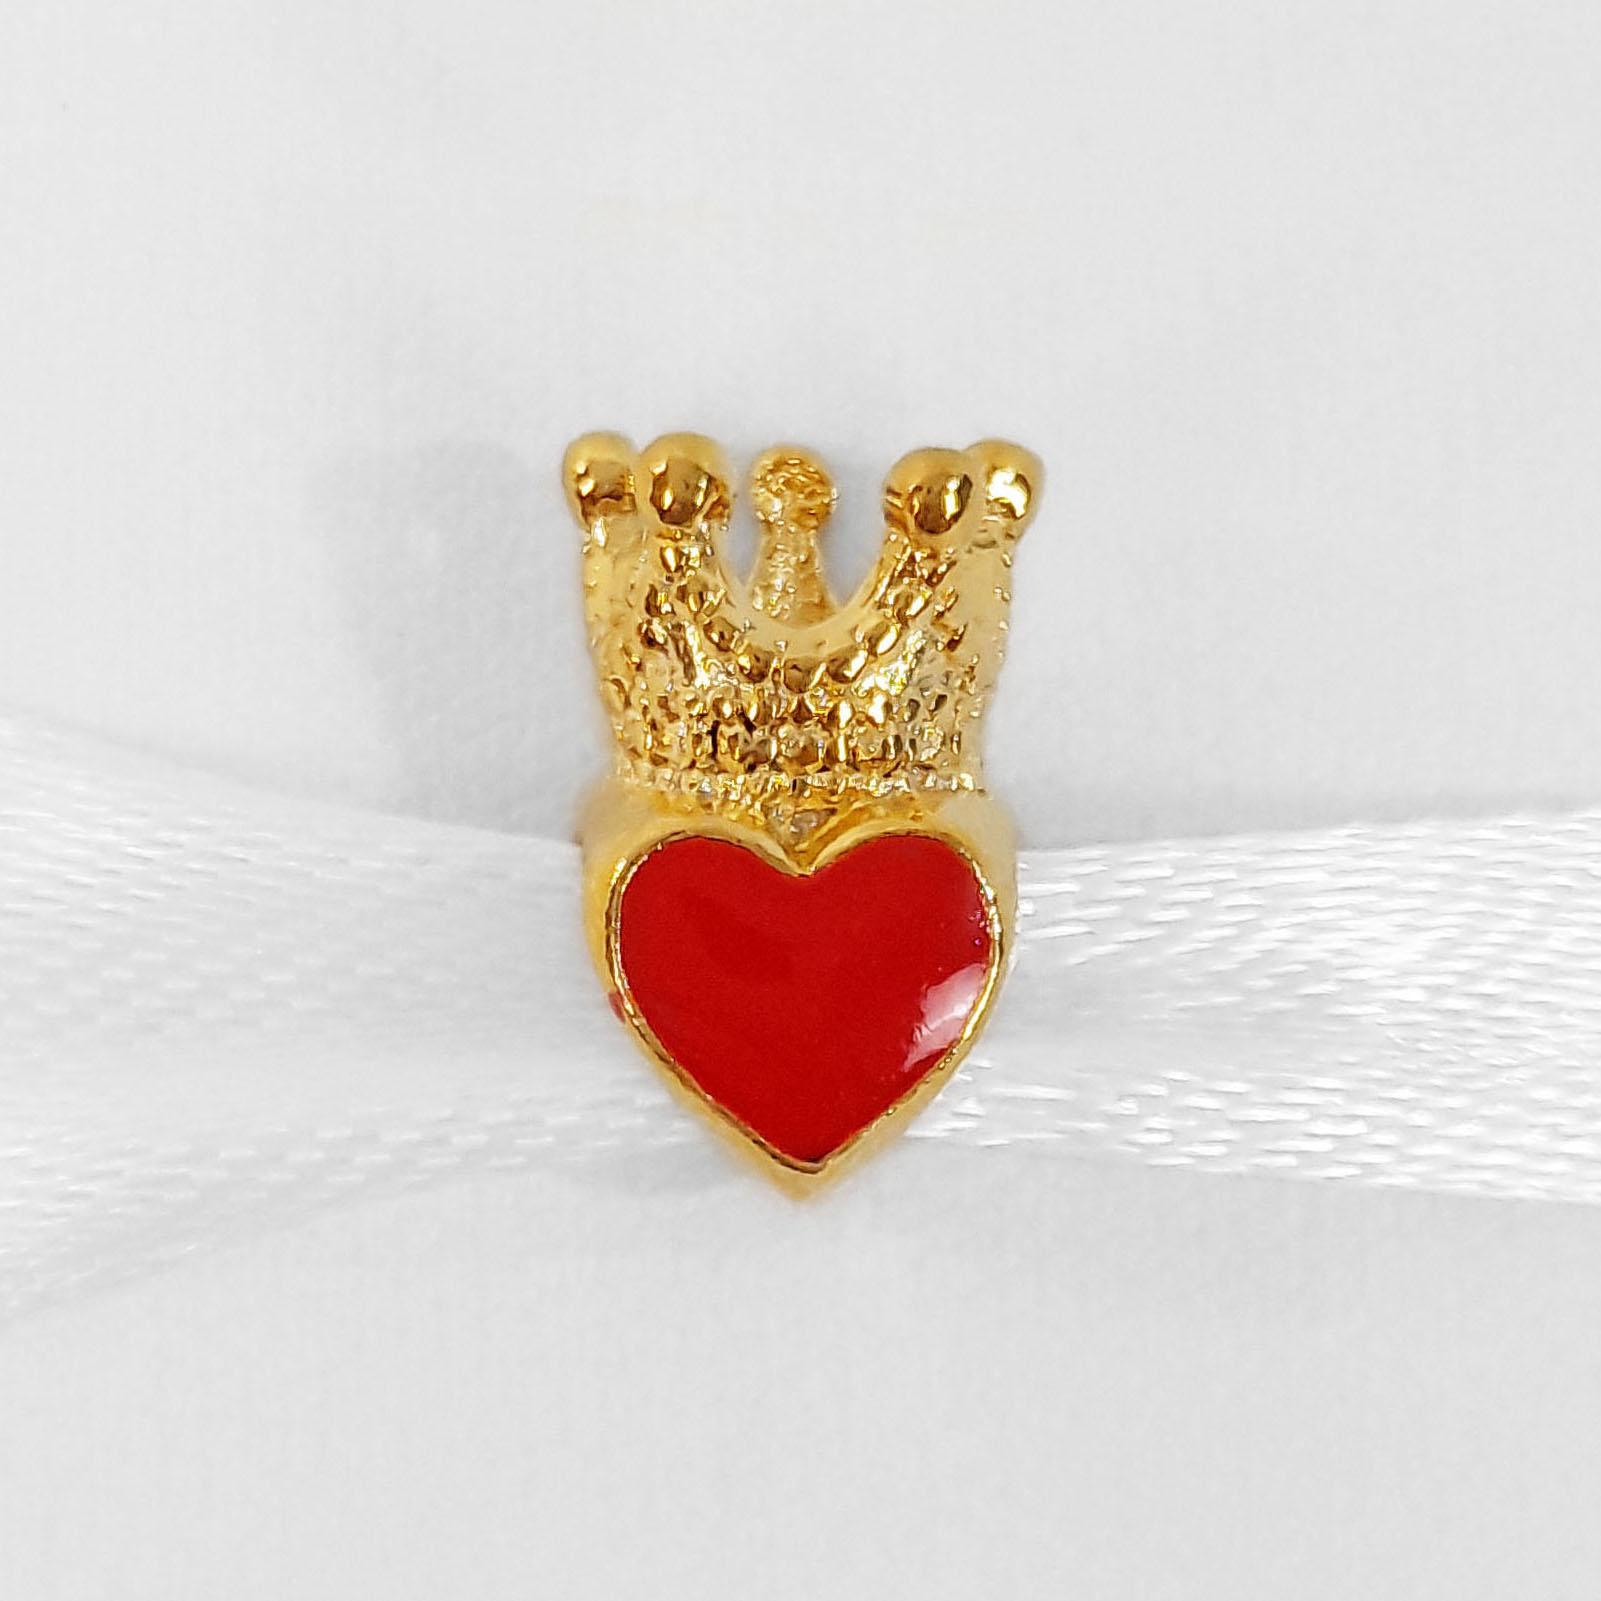 Pingente Berloque Coração e Coroa Folheado a Ouro 18k  - Lunozê Joias